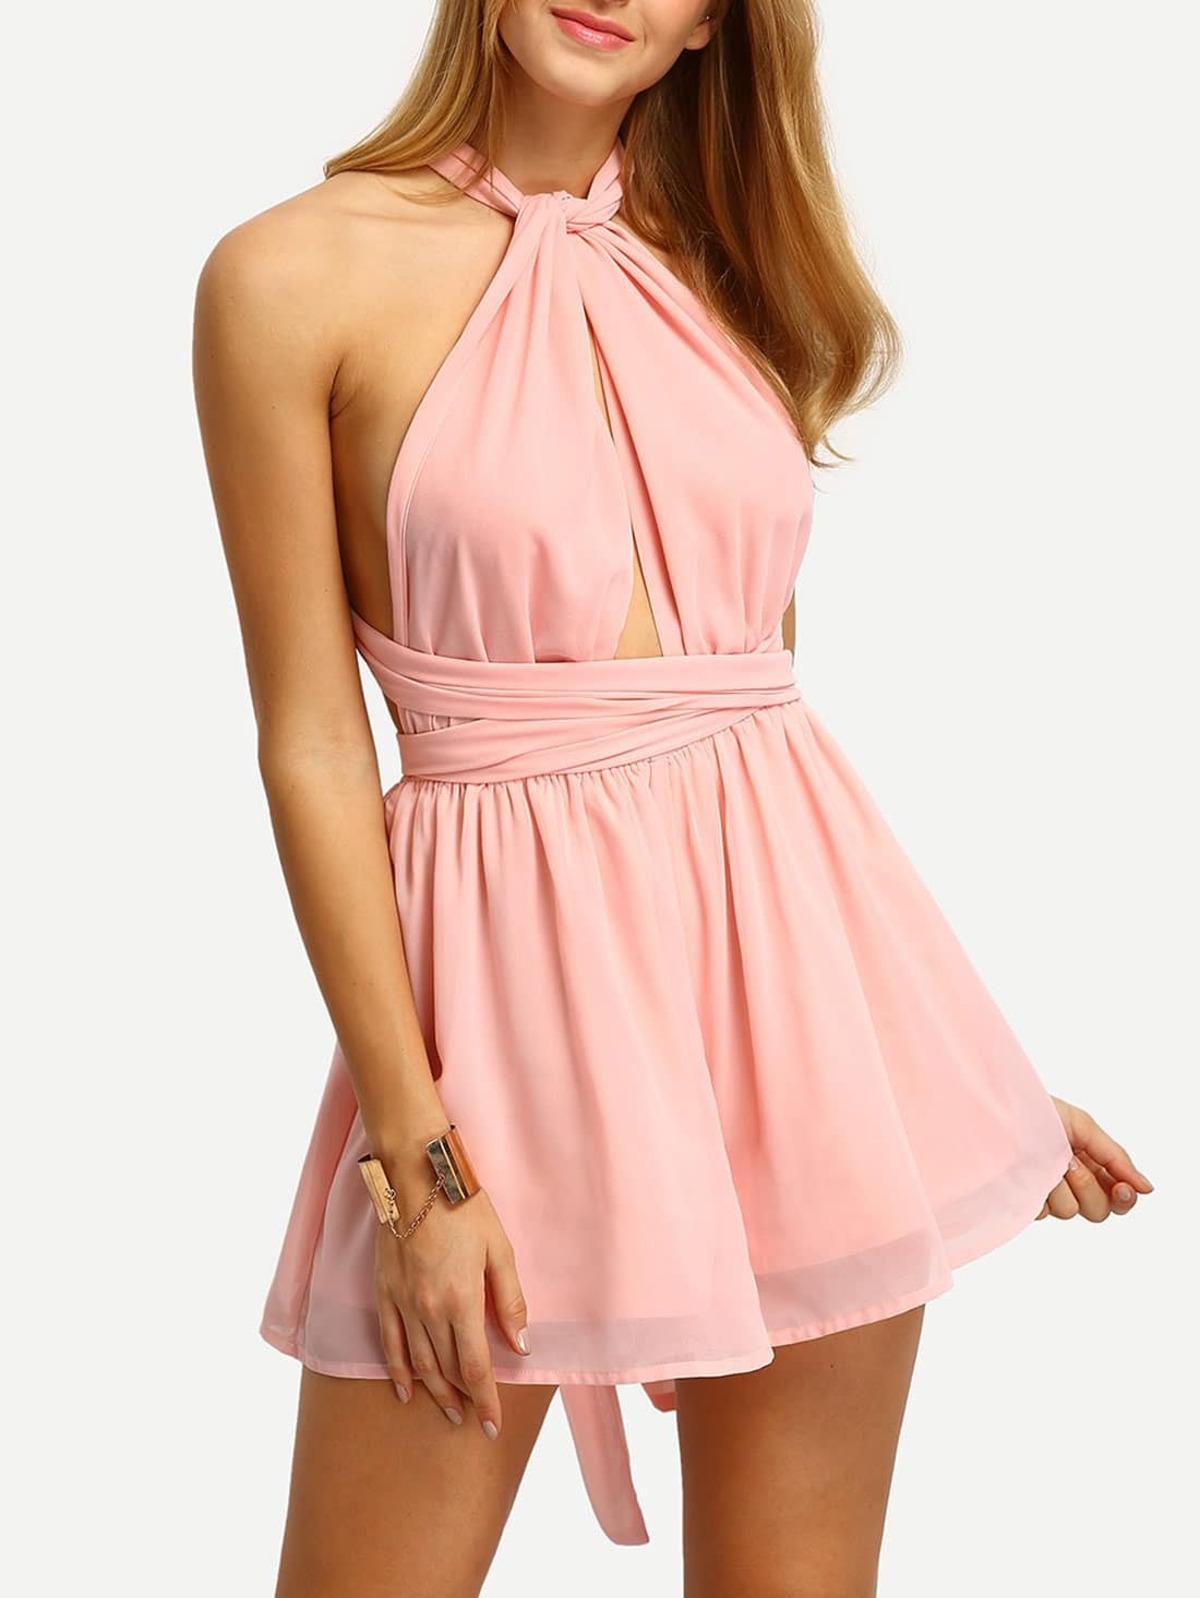 淡粉紅色 可變換的 肩帶 透明薄紗 連身服飾